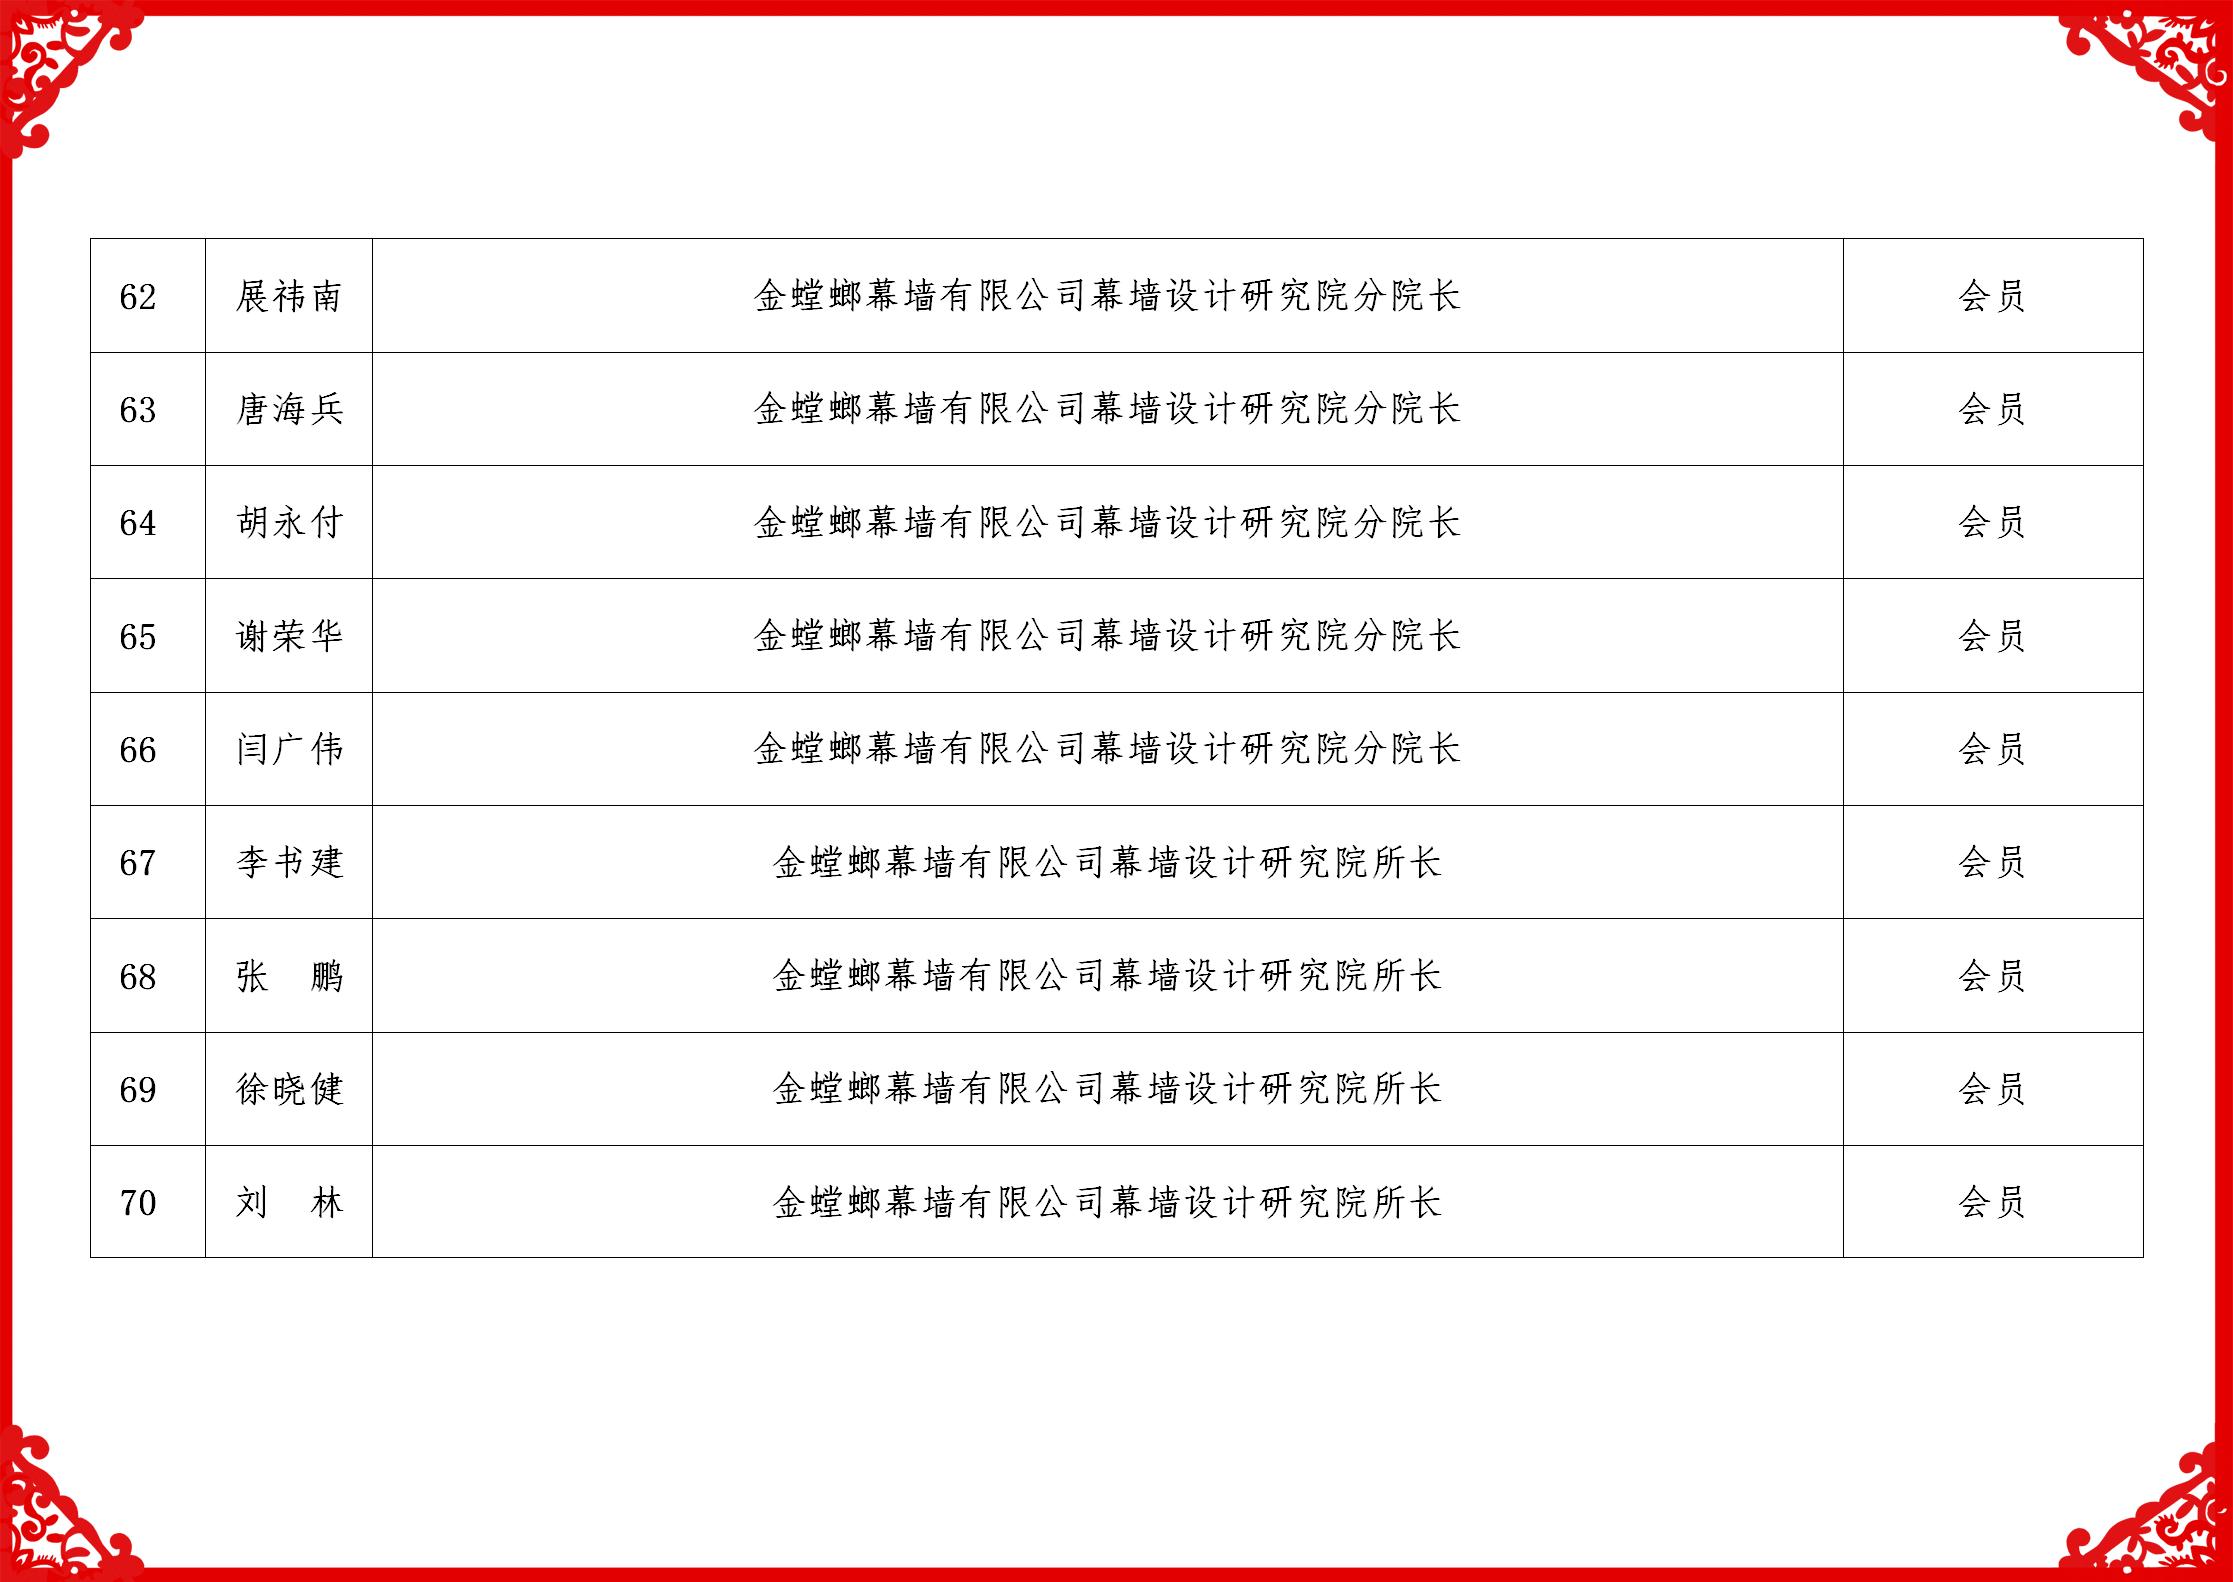 2019科技委名单_08